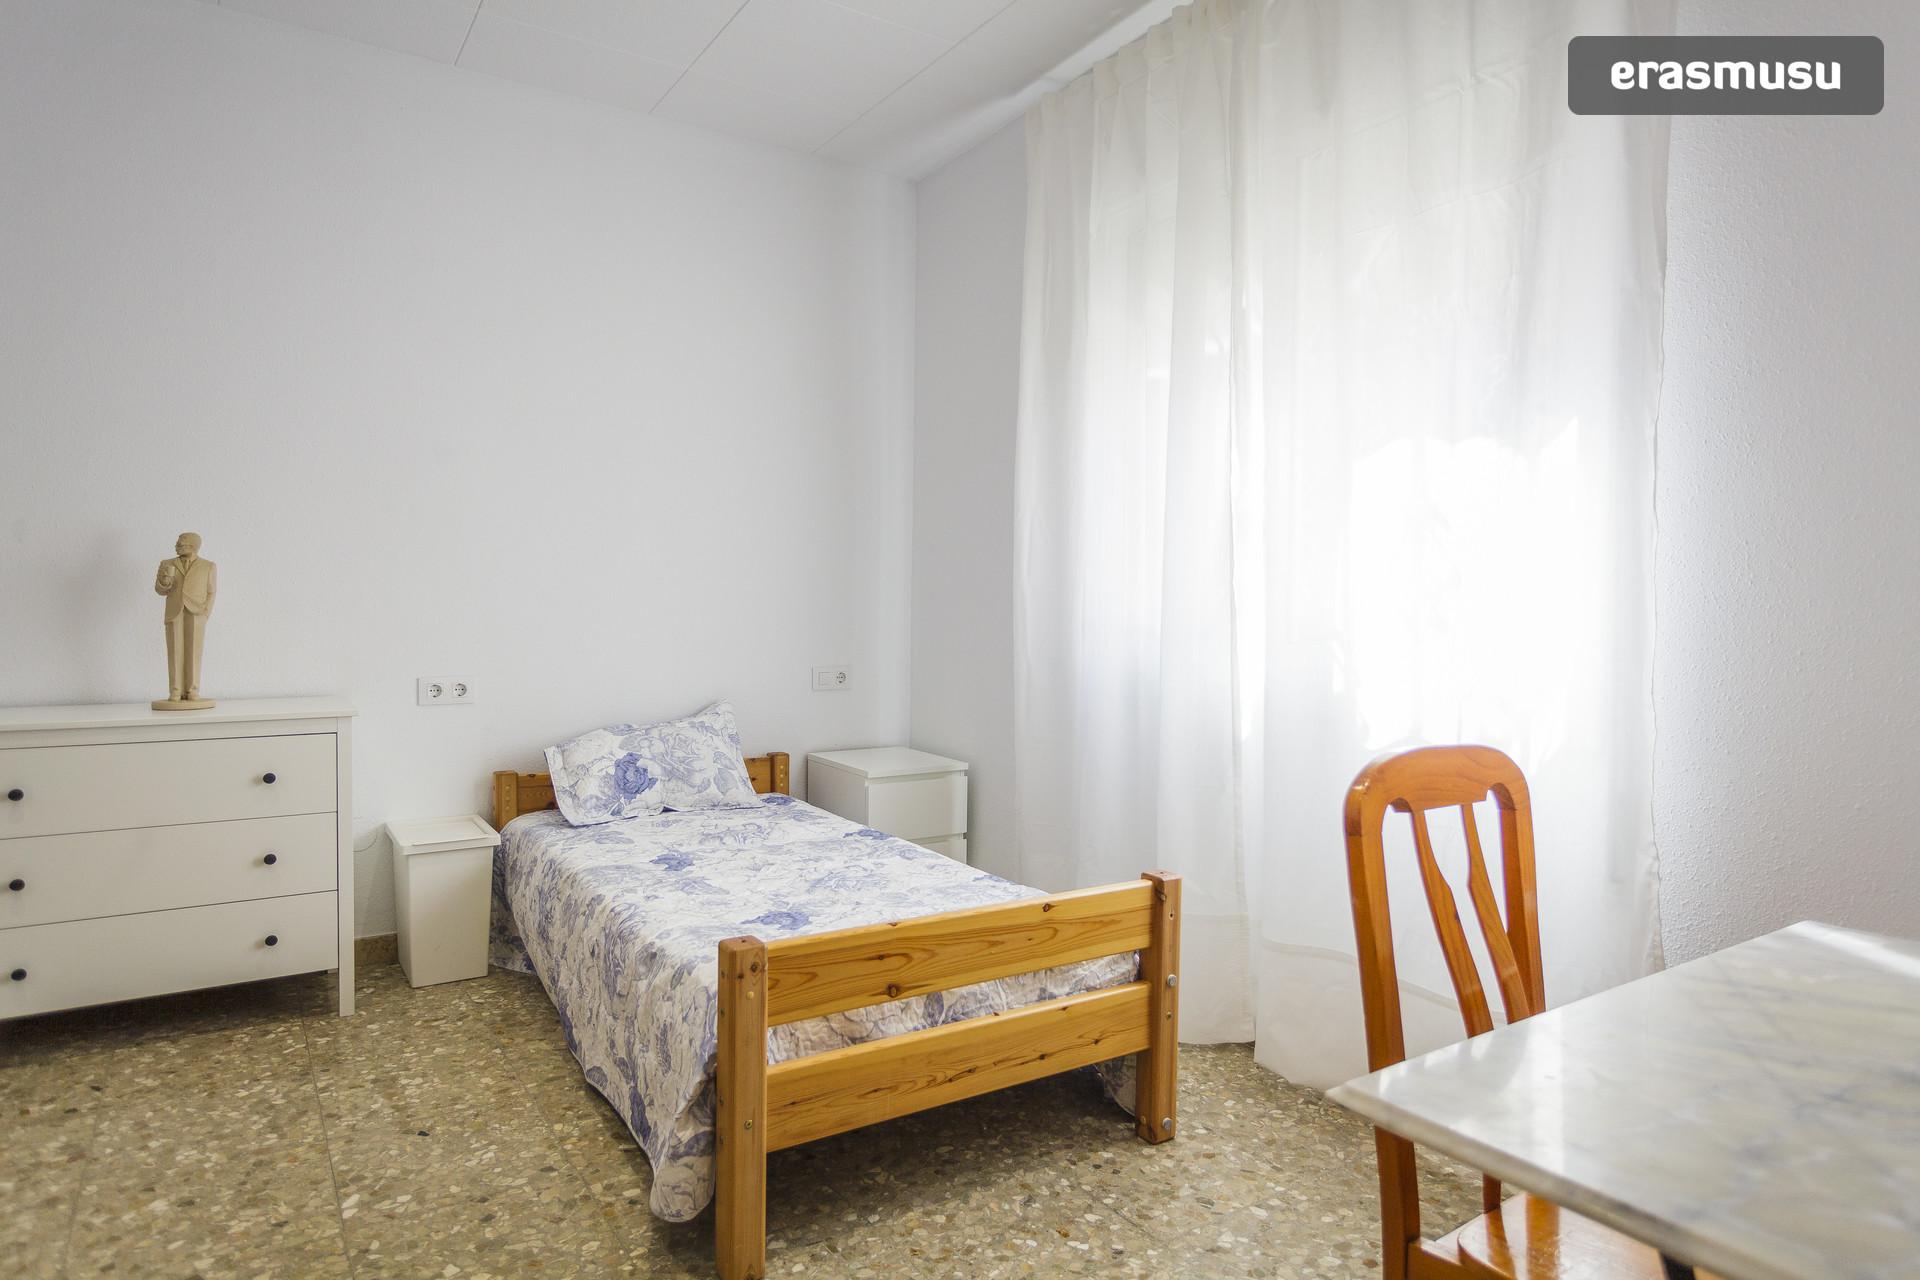 Habitaci n grande y soleada en viladecans muy cerca de barcelona alquiler habitaciones barcelona - Alquiler de habitacion en valladolid ...